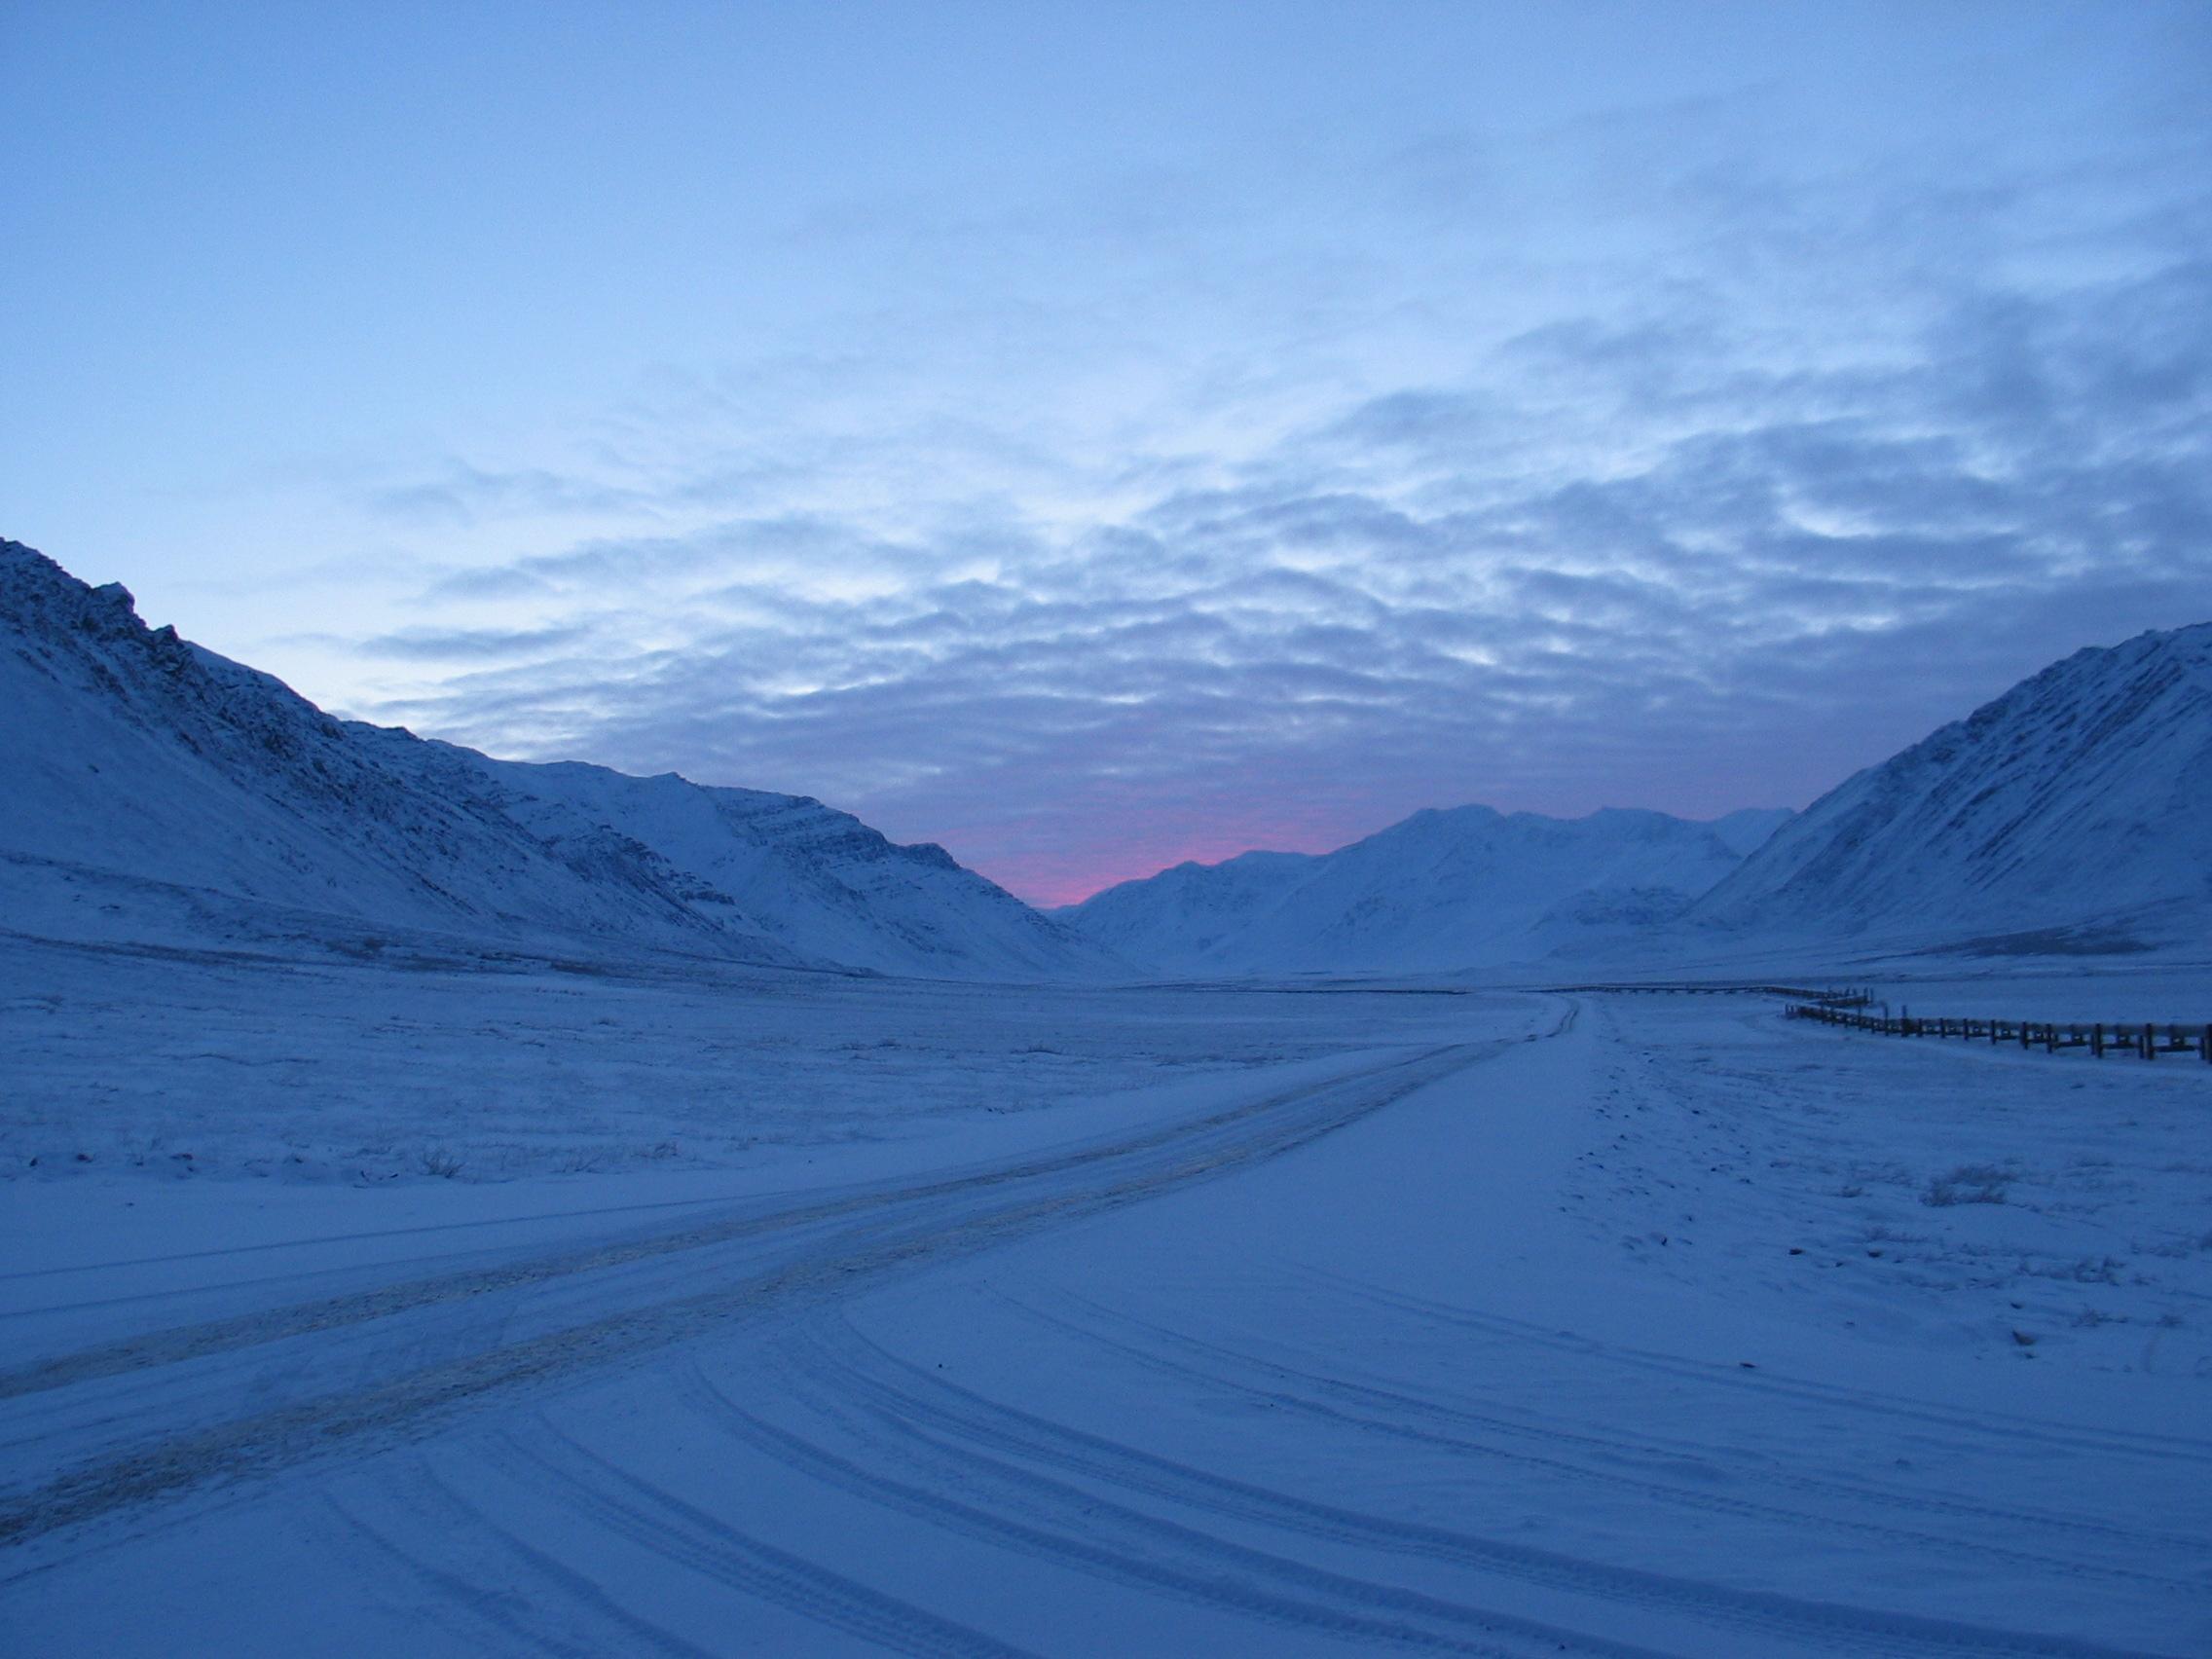 Sunset looking south toward Atigun Pass - Dec 26 03 Kathy Hedges.jpg